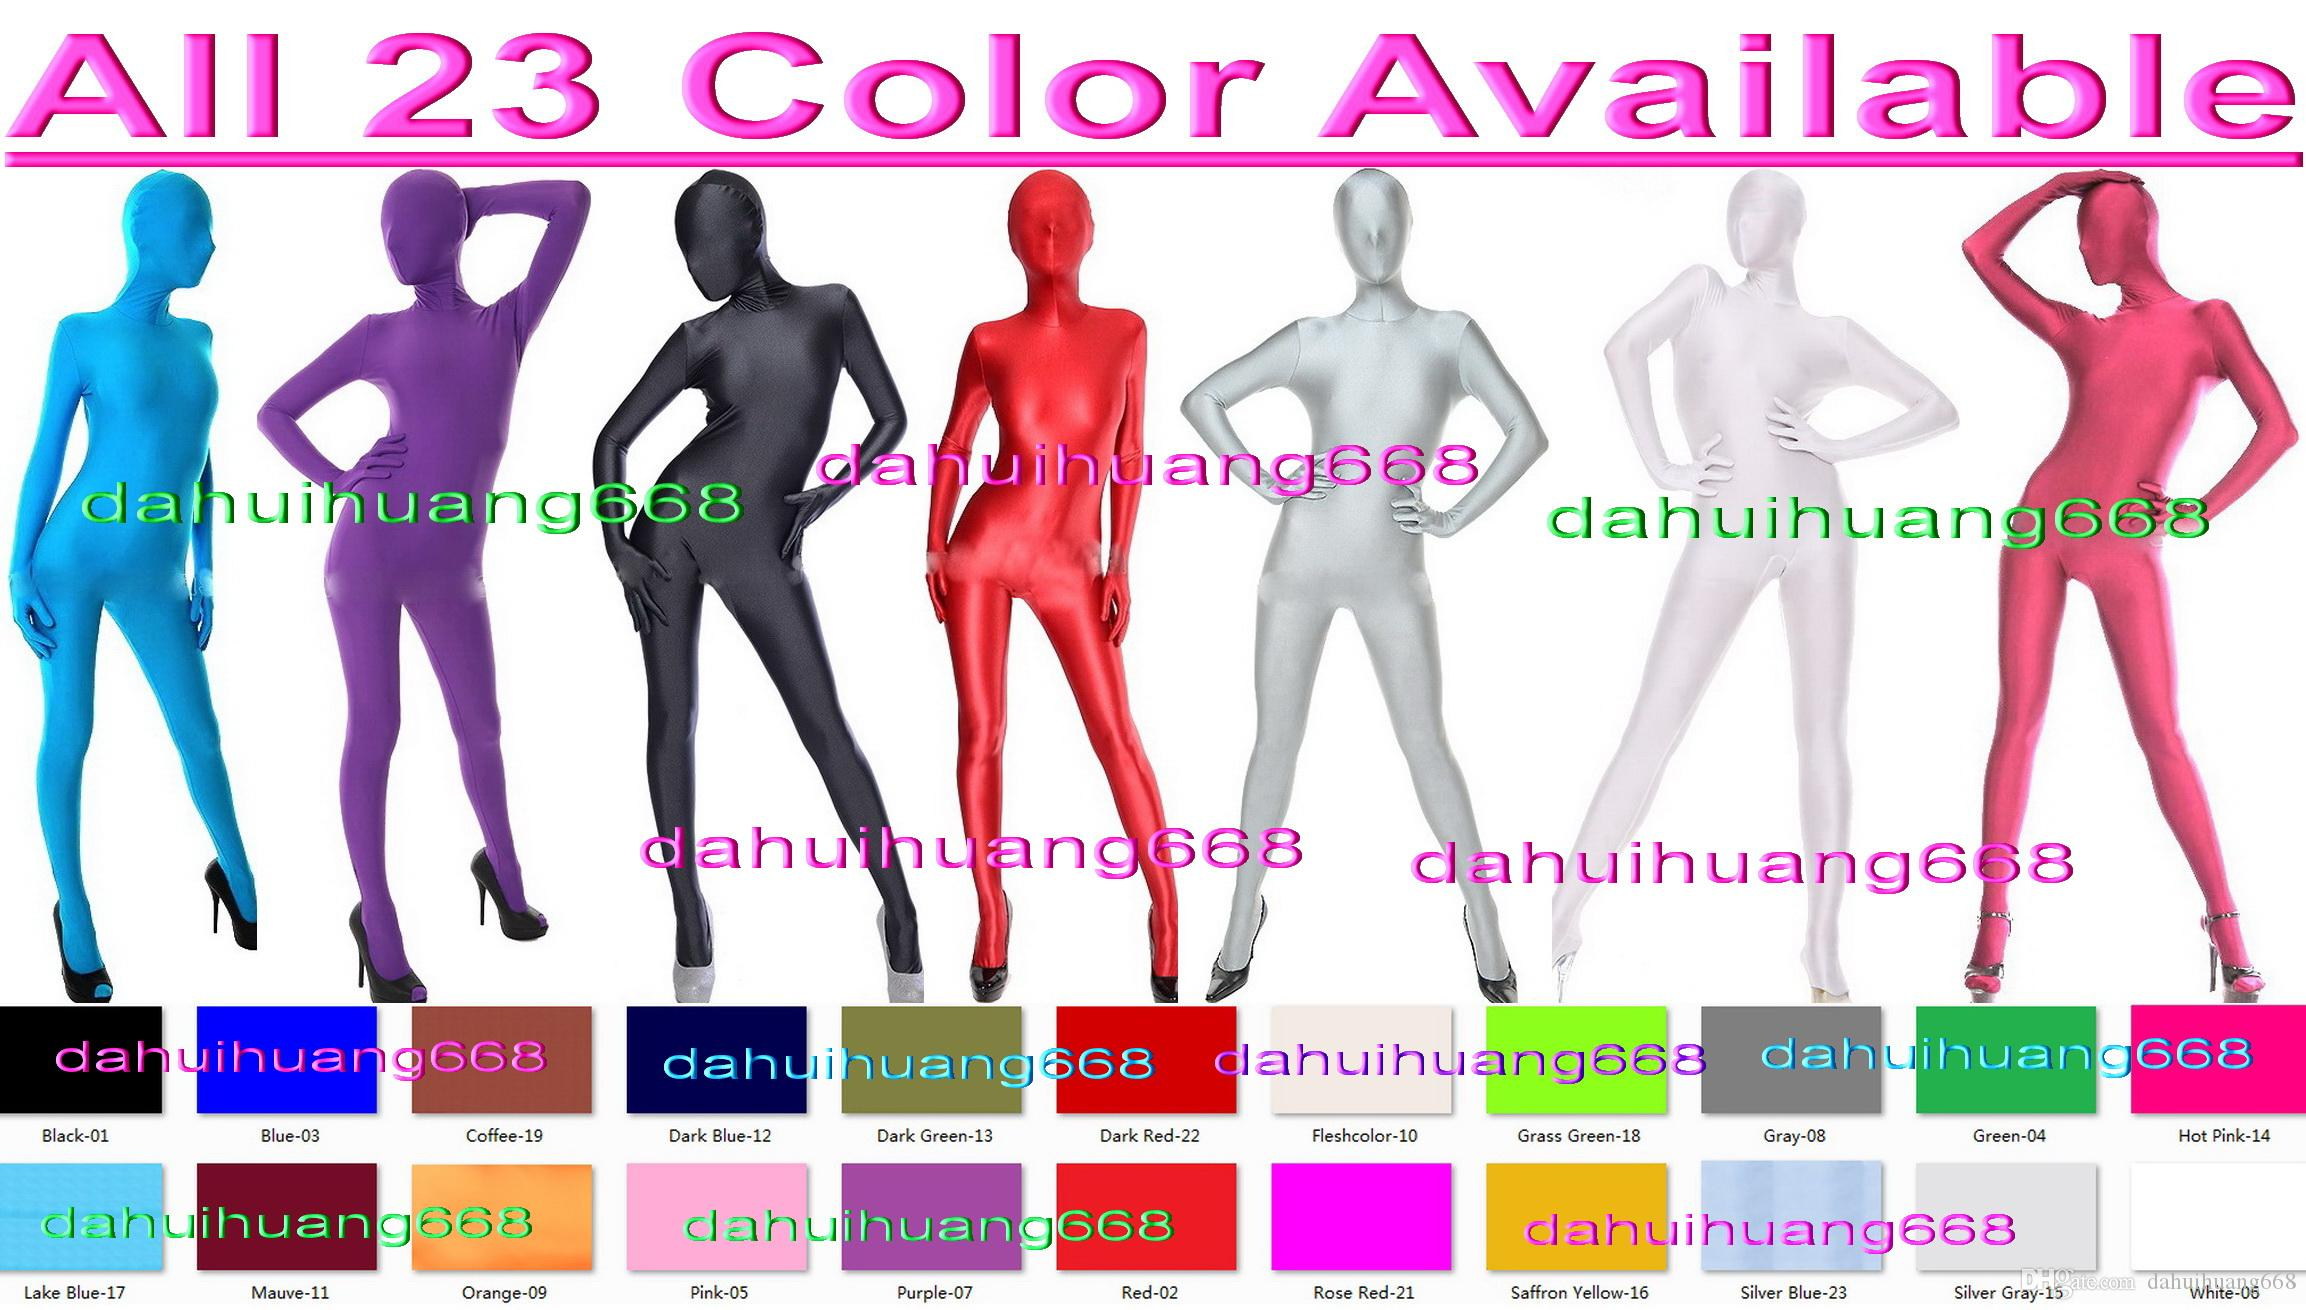 Унисекс полный боди костюмы наряд новый 24 цвет лайкра спандекс Костюм комбинезон костюмы унисекс сексуальный костюм тела Хэллоуин косплей костюмы DH038